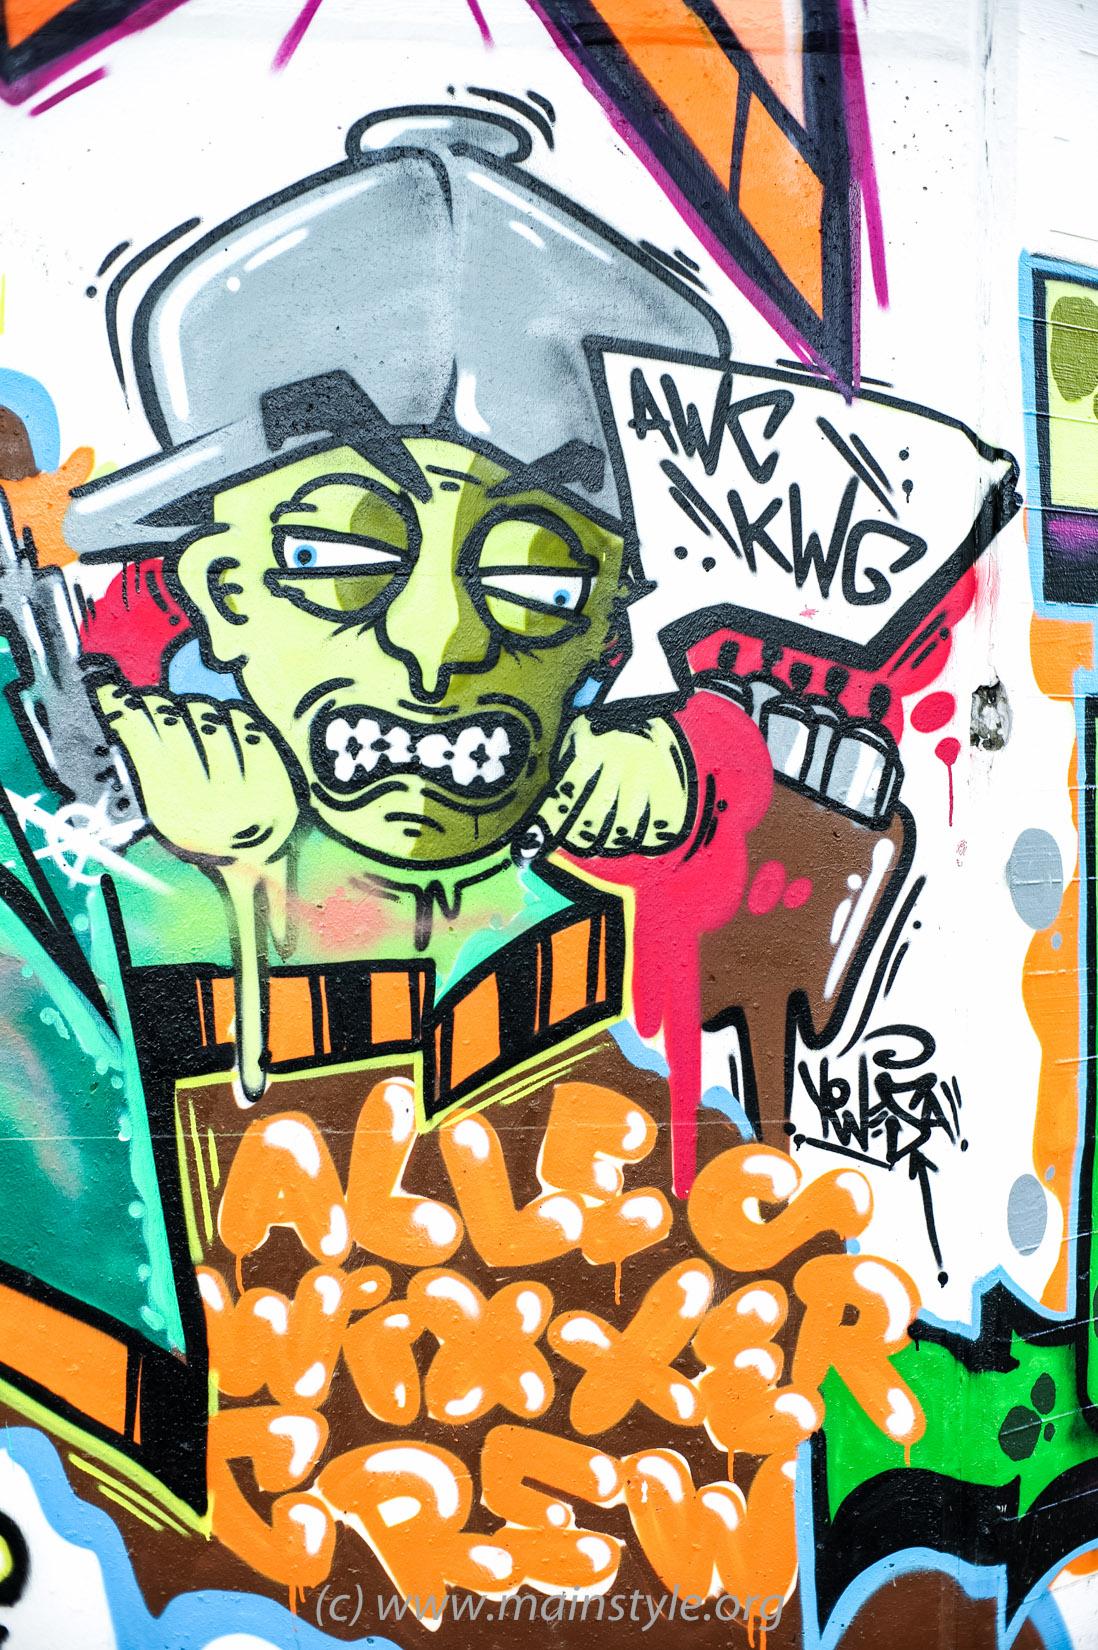 Frankfurt-Höchst_Graffiti_Süwag-Wall_2012 (5 von 35)